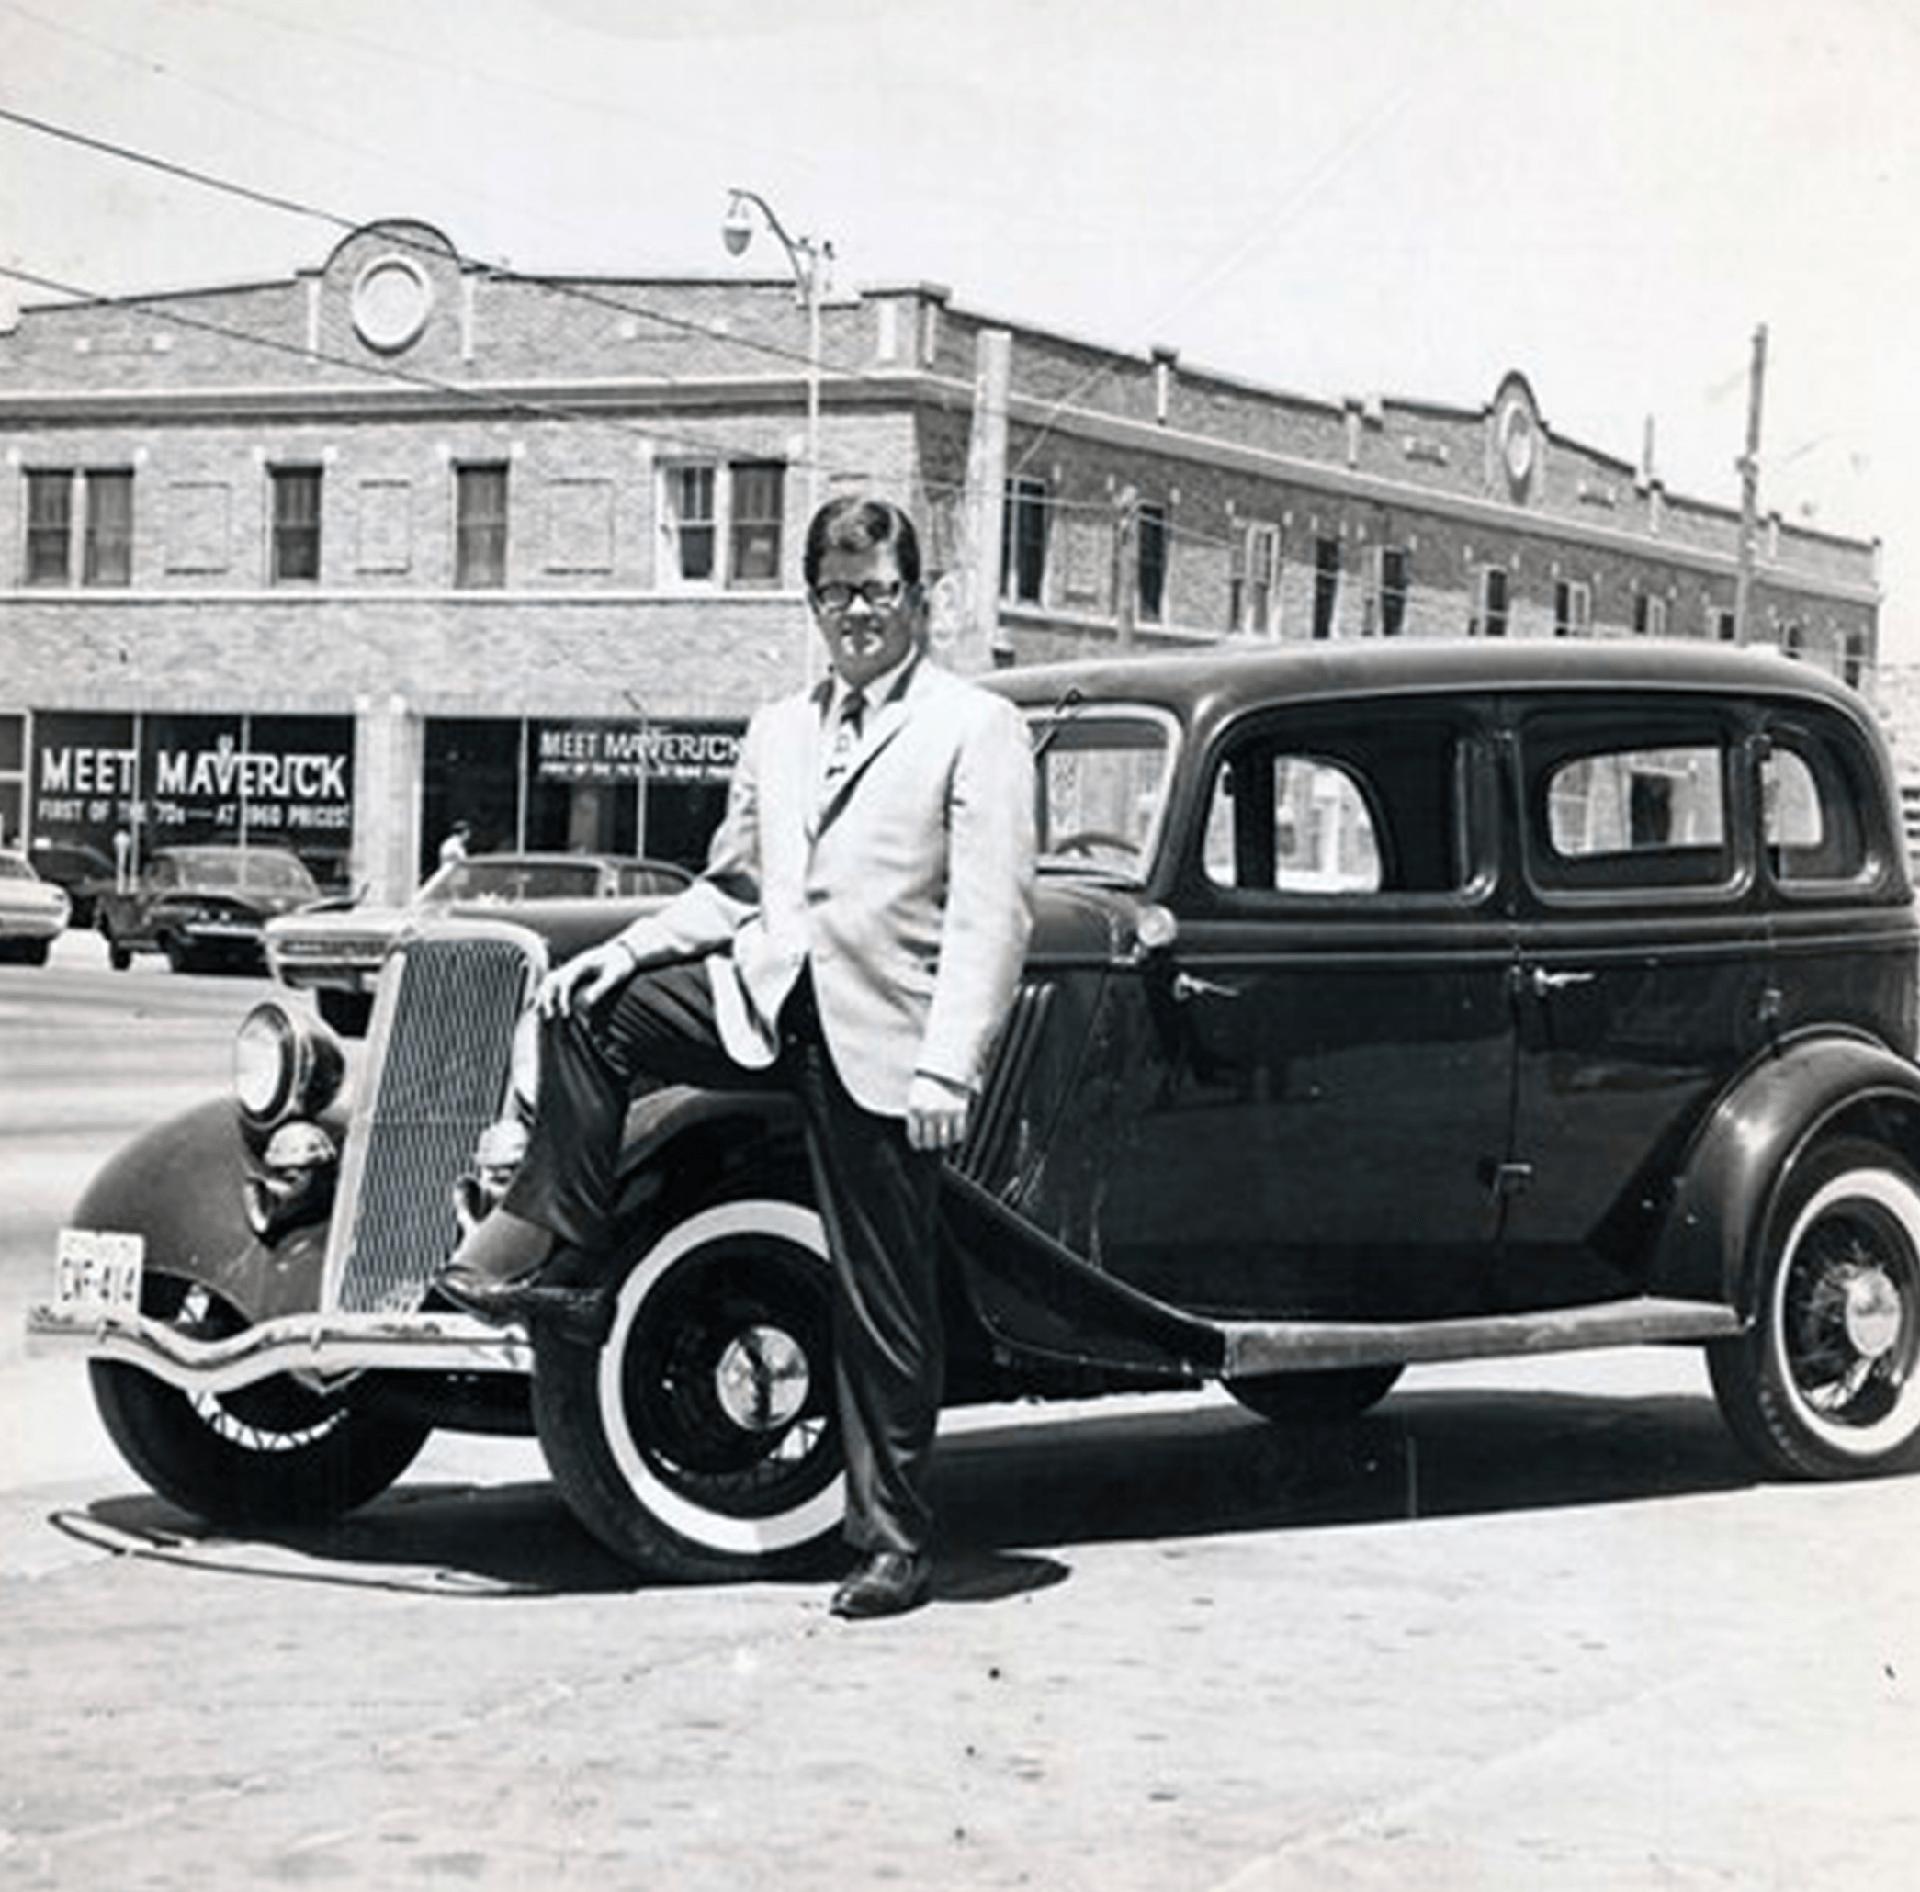 1941 Image